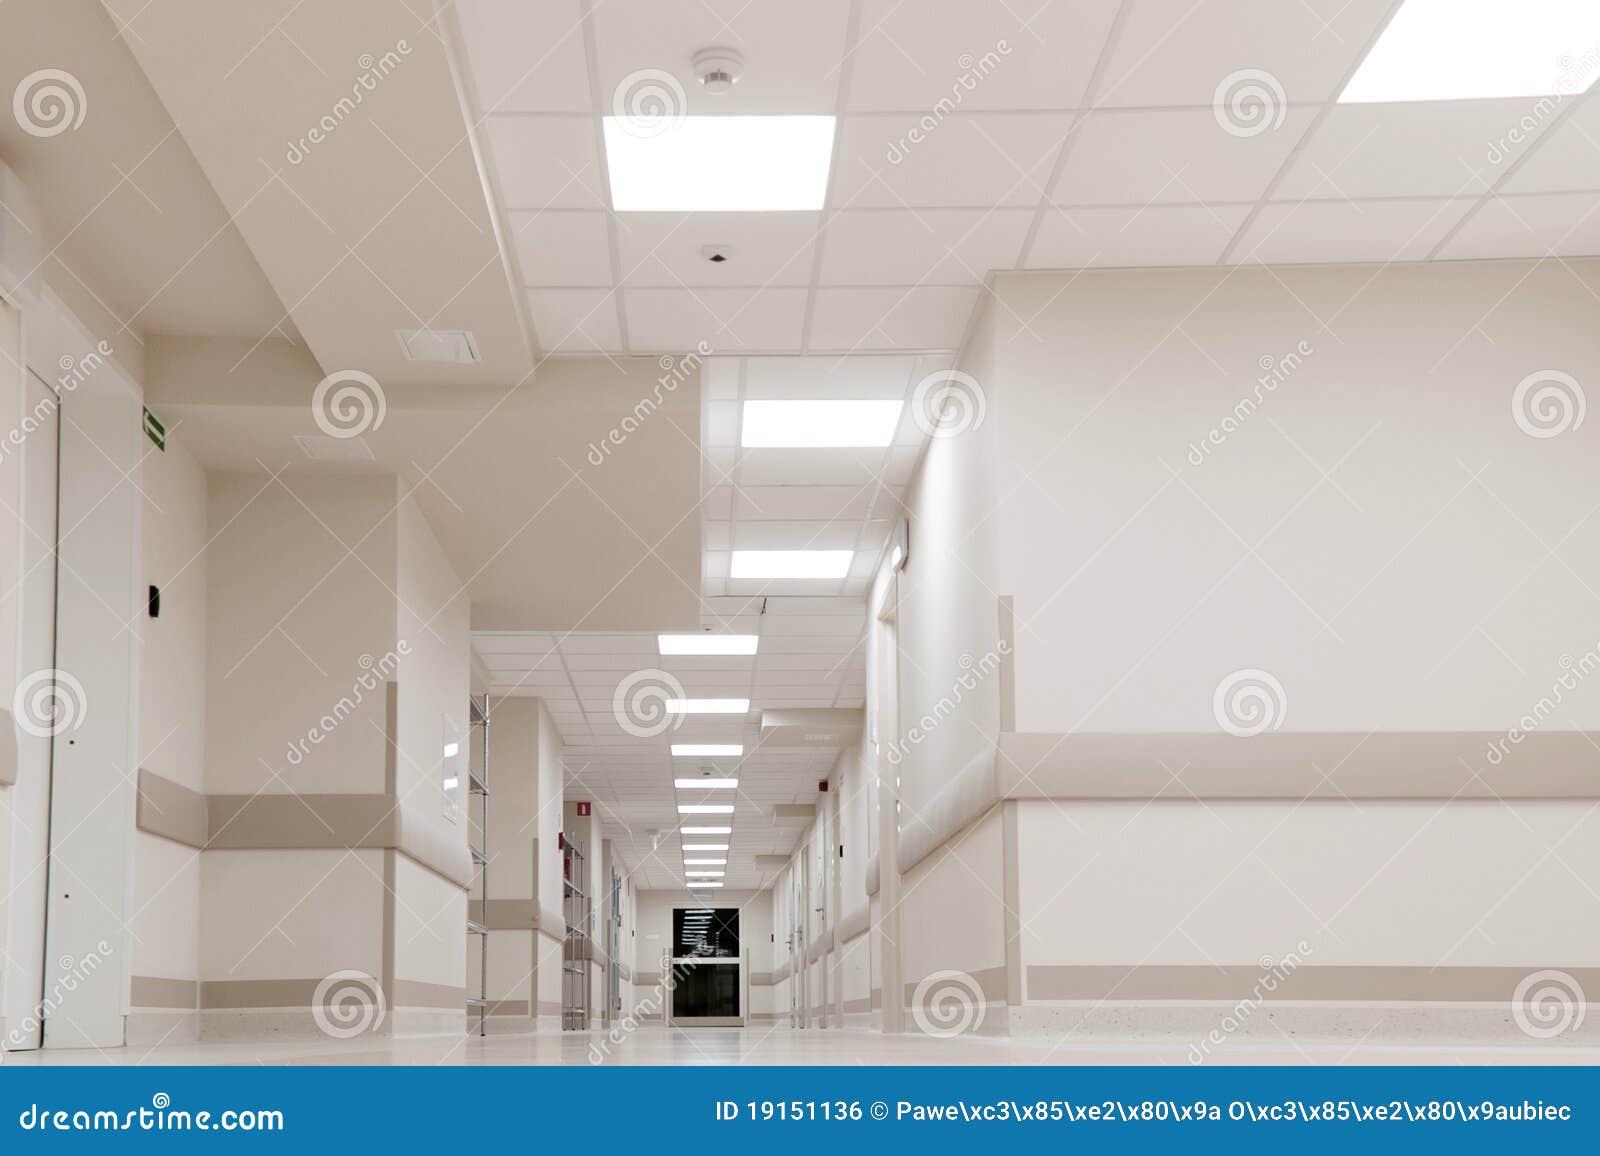 Korridorsjukhuskontor